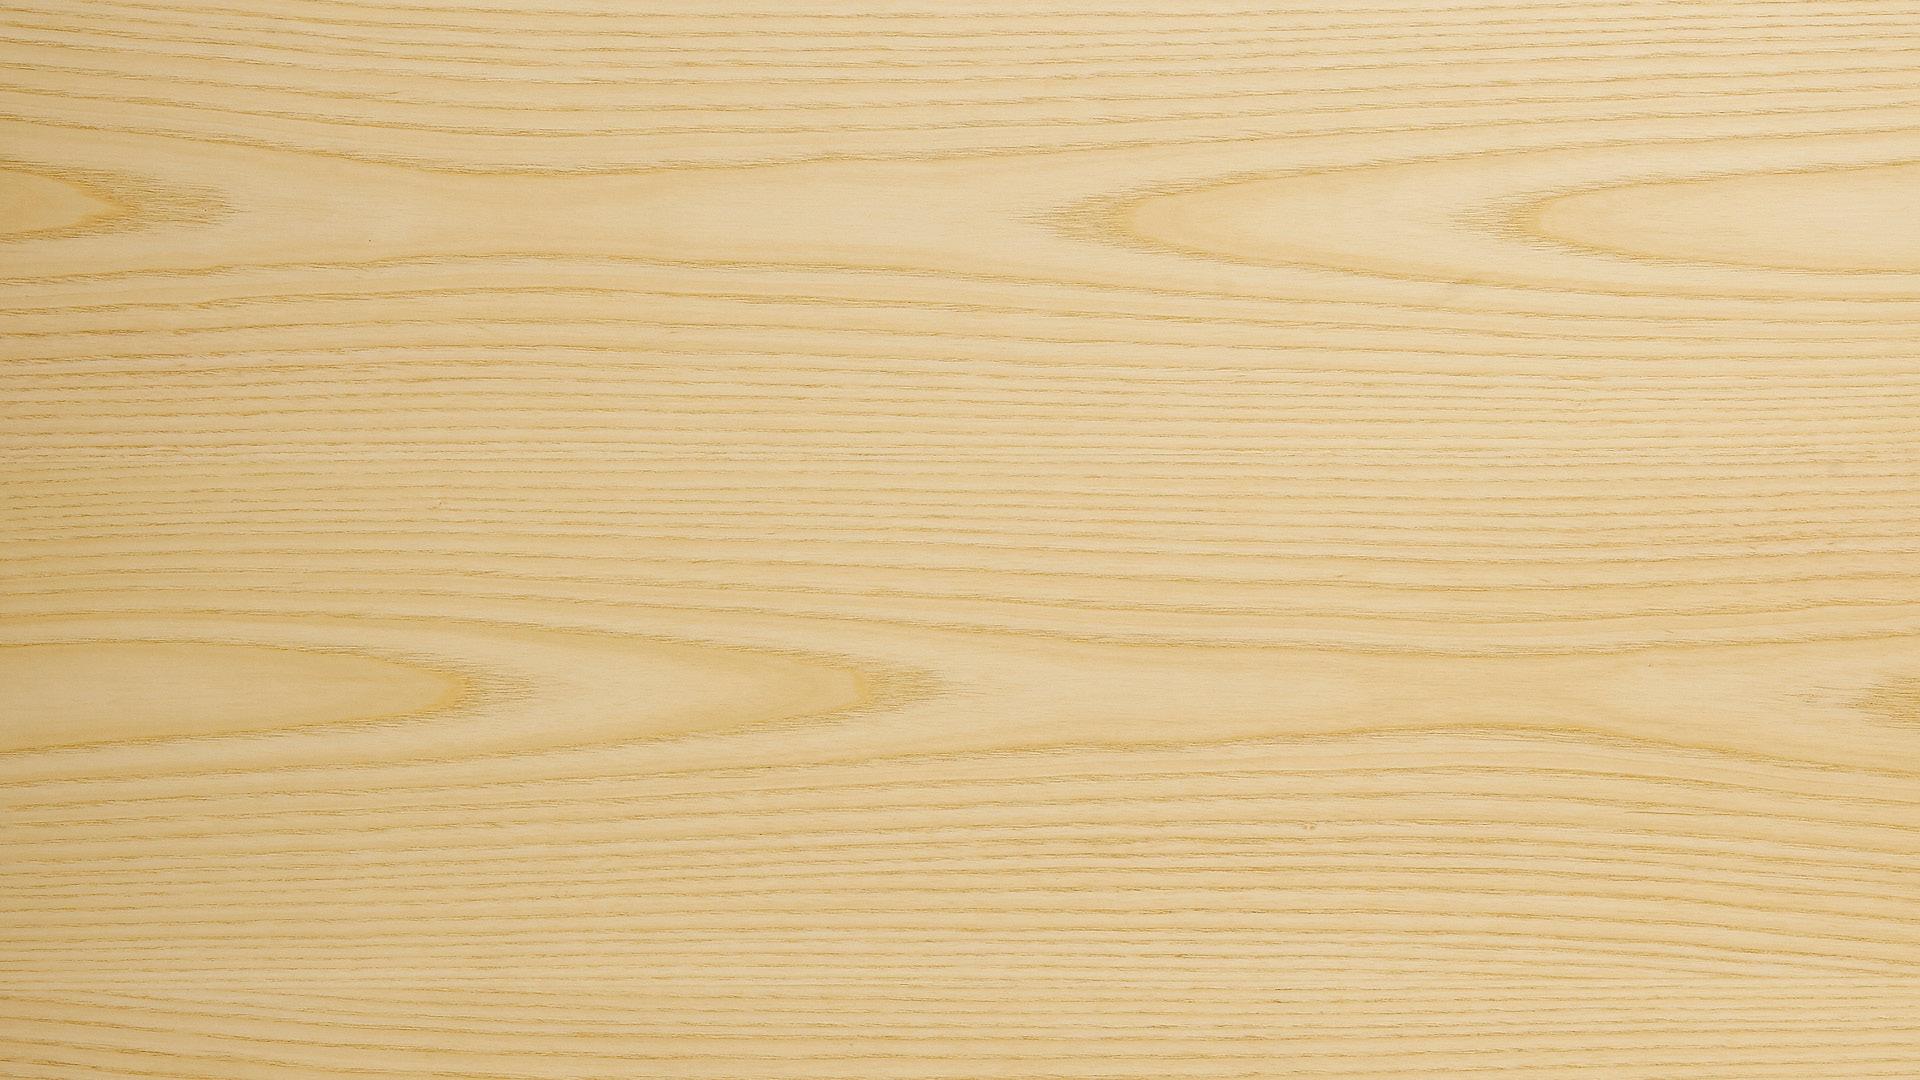 進口白蠟木皮通體包裹,天然木感凹凸可觸